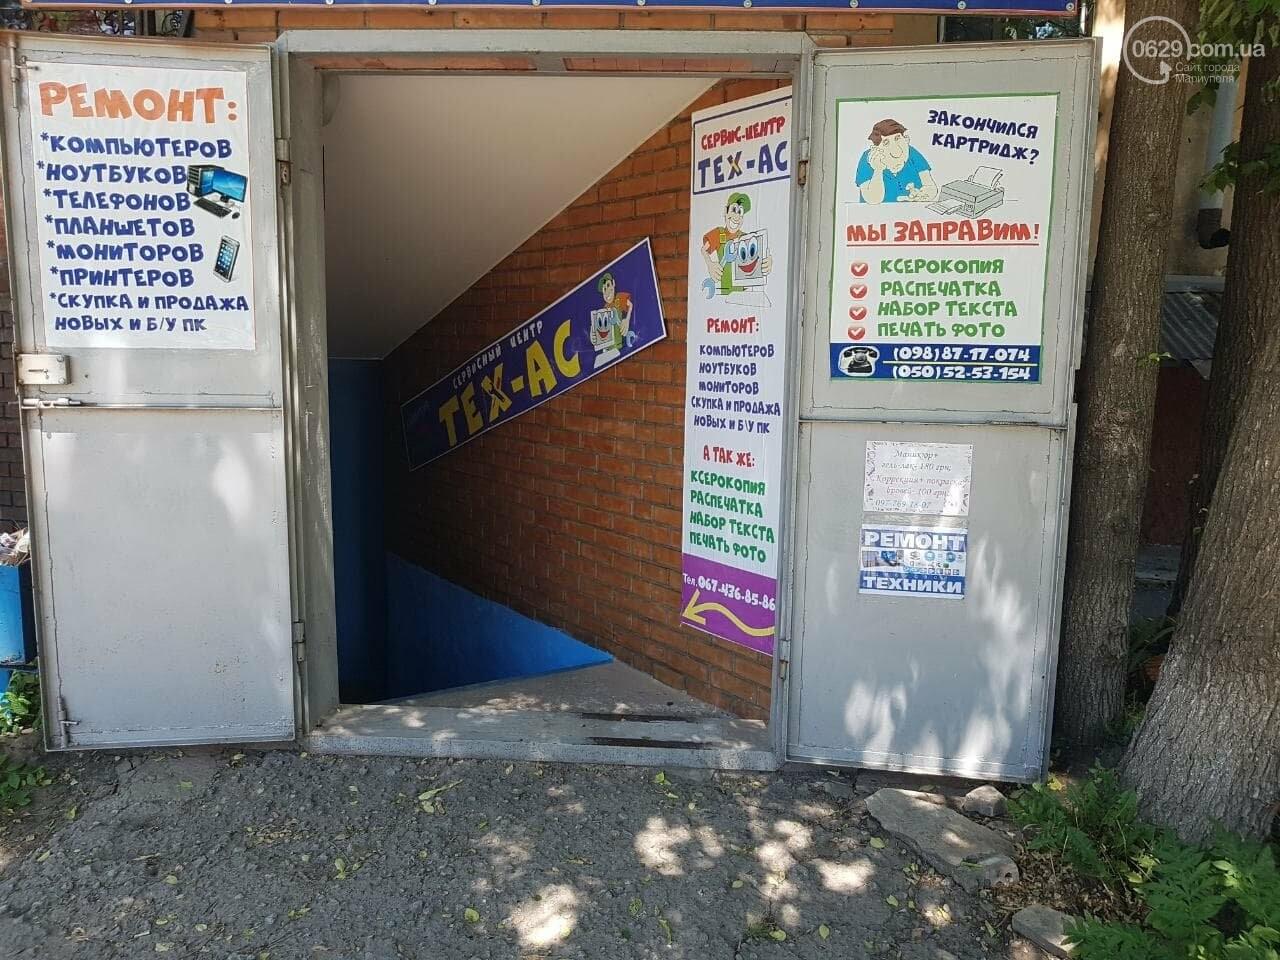 Сервисный центр «Тех-АС»: как сэкономить на ремонте ноутбука в Мариуполе, фото-4